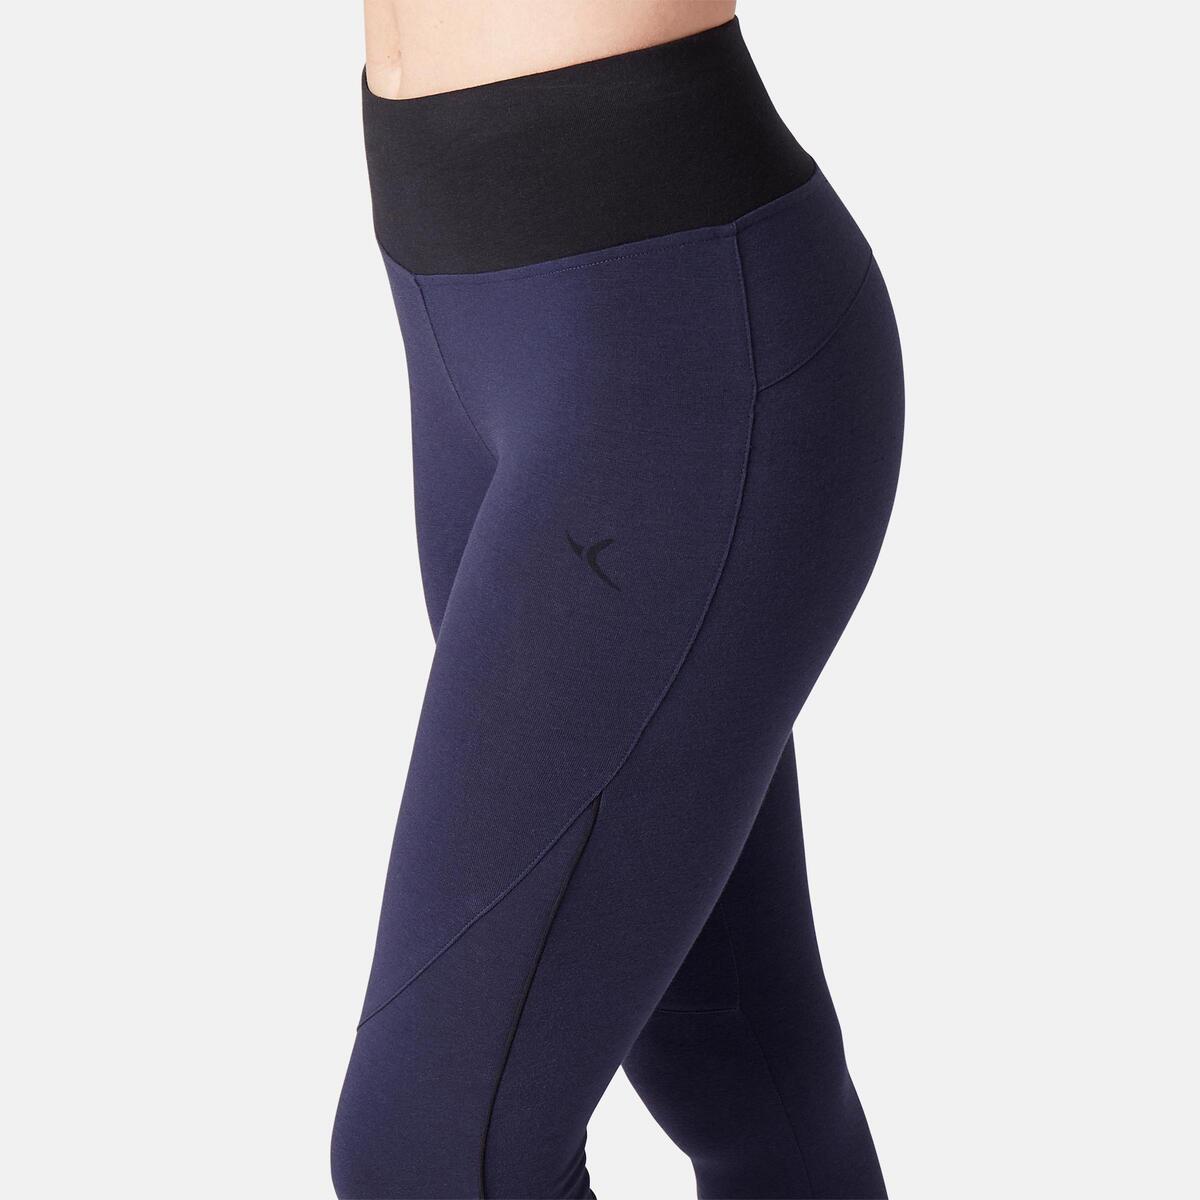 Bild 5 von 7/8-Leggings 510 Gym & Pilates Damen marineblau/schwarz